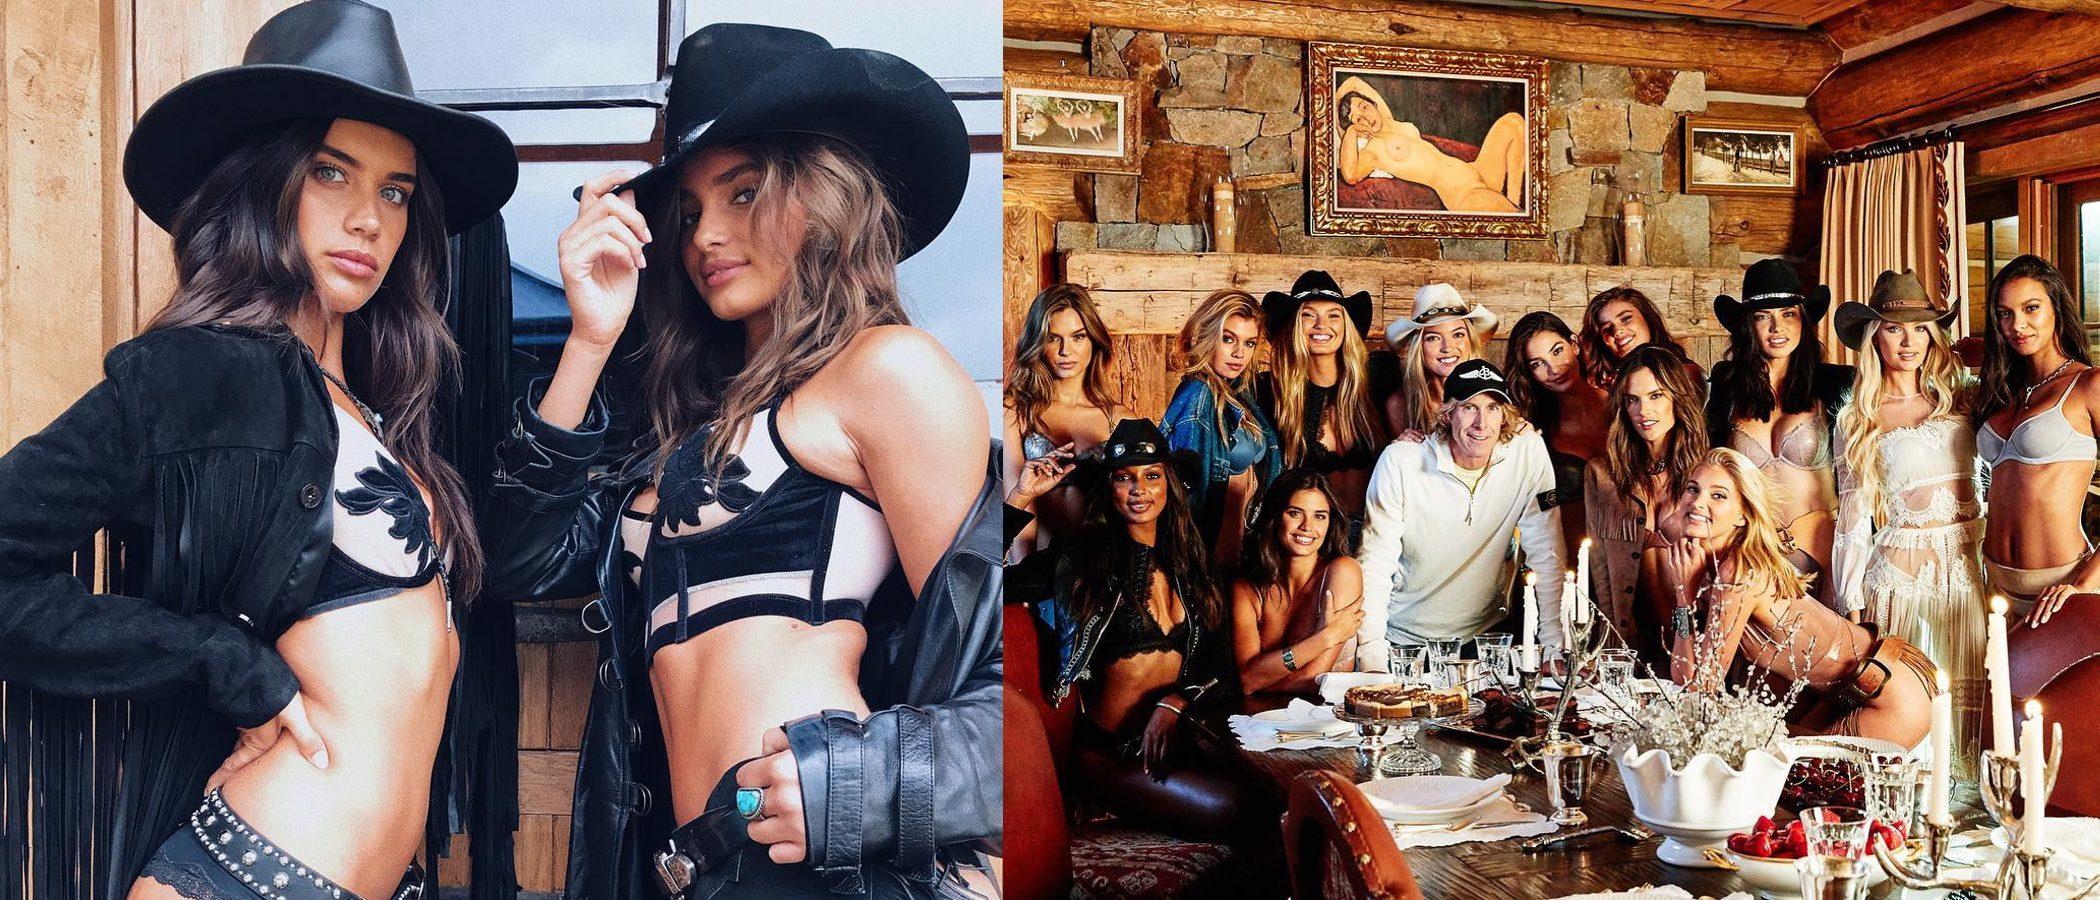 Las modelos de Victoria's Secret se visten de 'cowboys' para rodar la campaña Holiday 2017